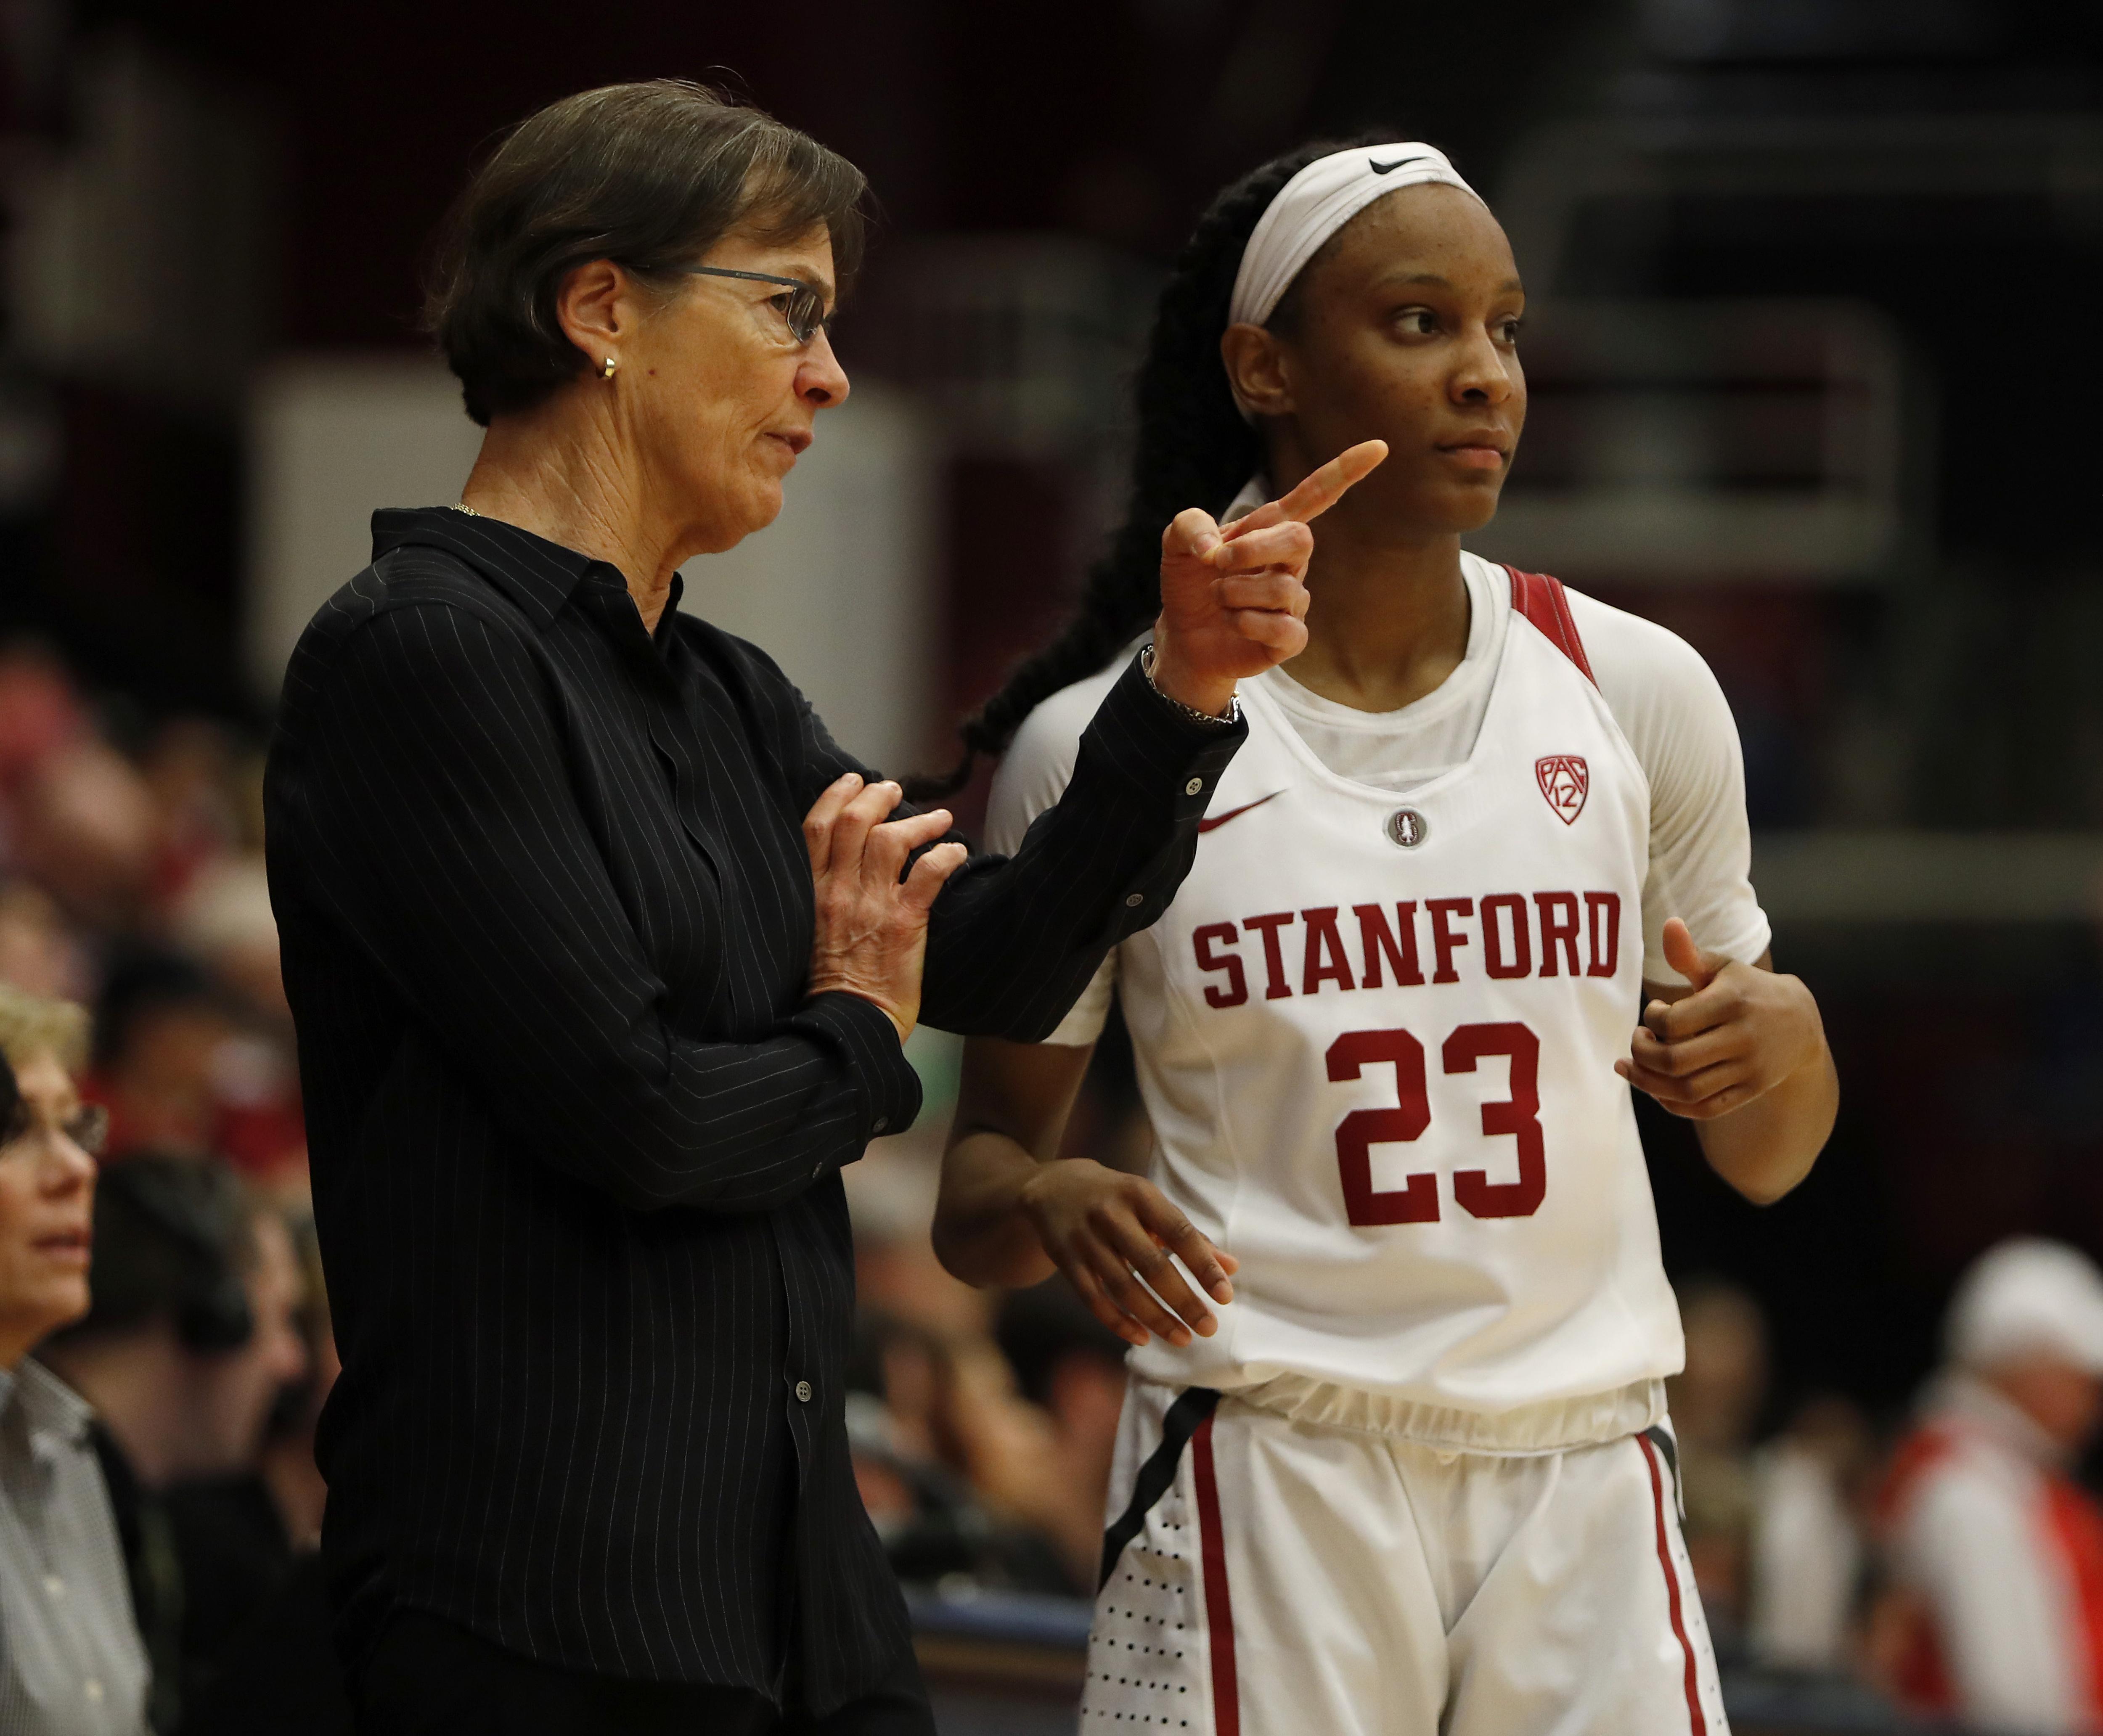 Washington State Cougars versus Stanford Cardinal